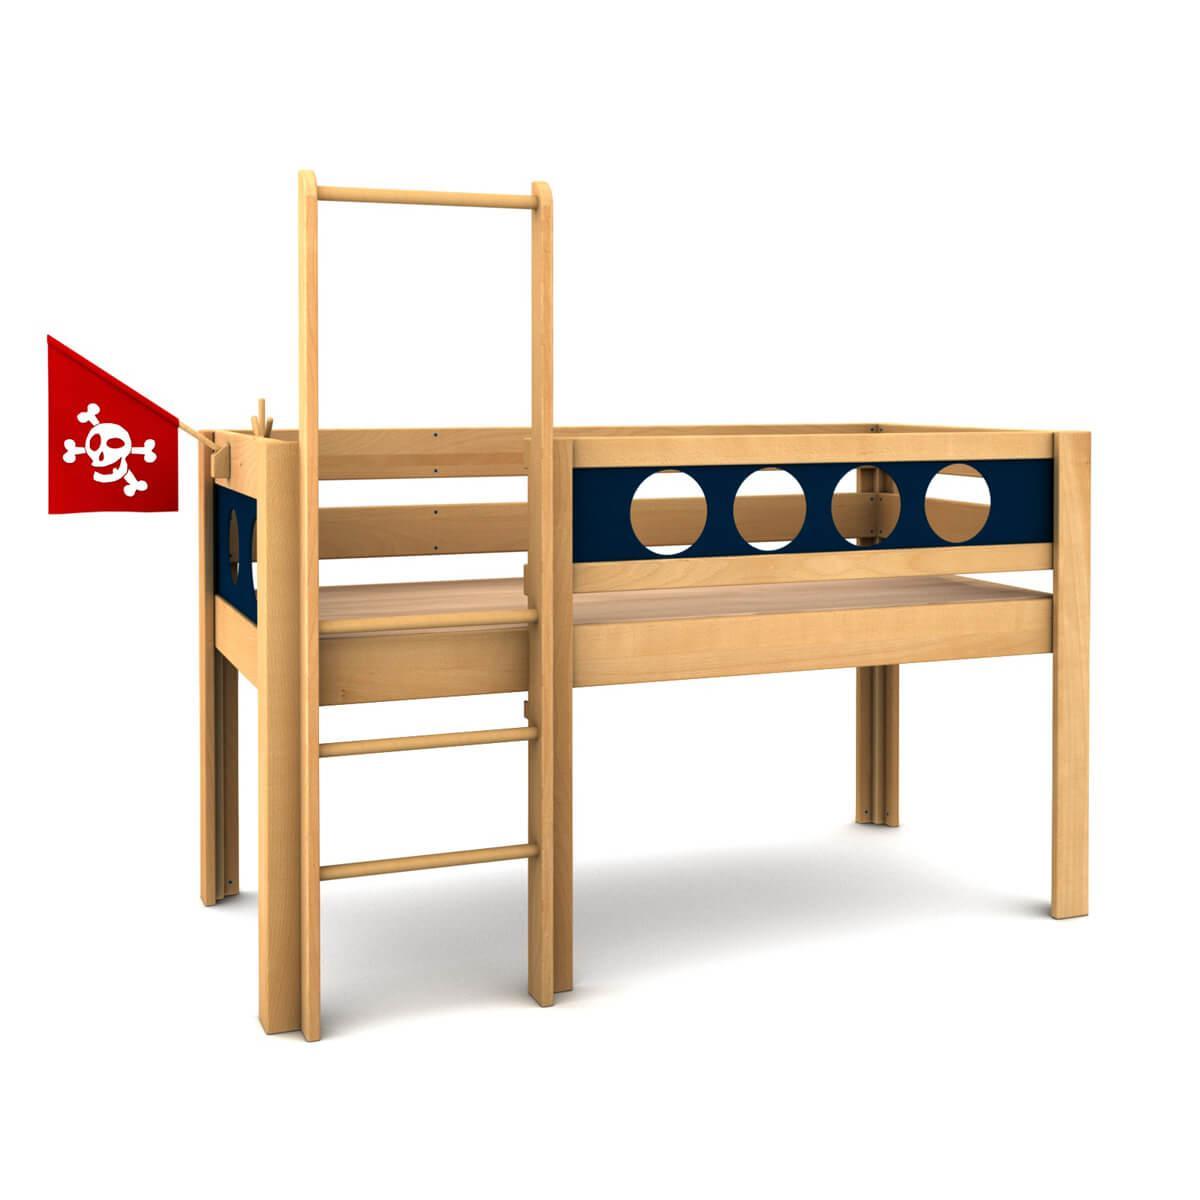 Pirat halbhohes Bett DELUXE de Breuyn geölt-Füllungen dunkelblau